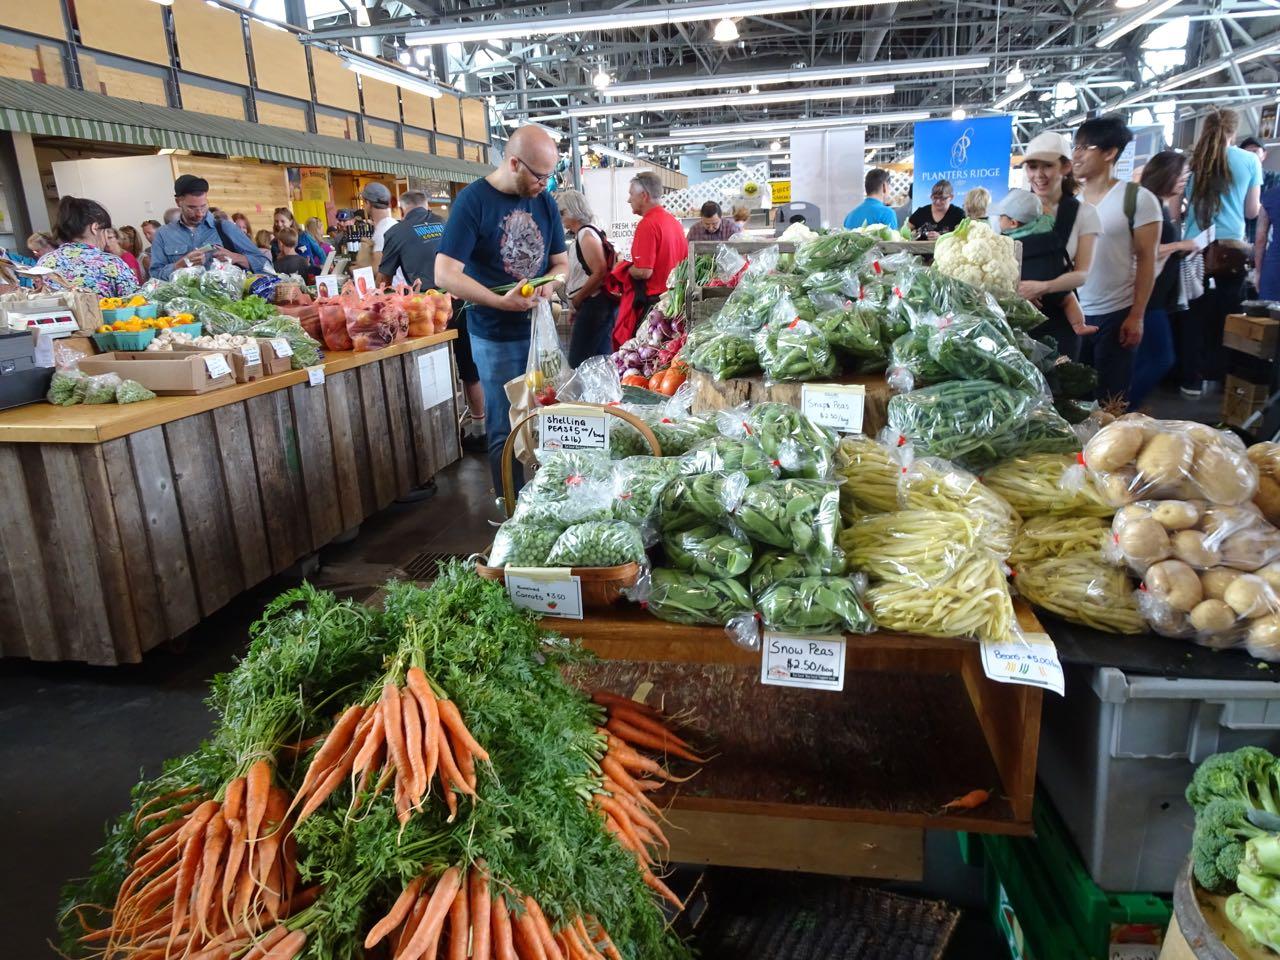 Farmers Market in den Hafenhallen